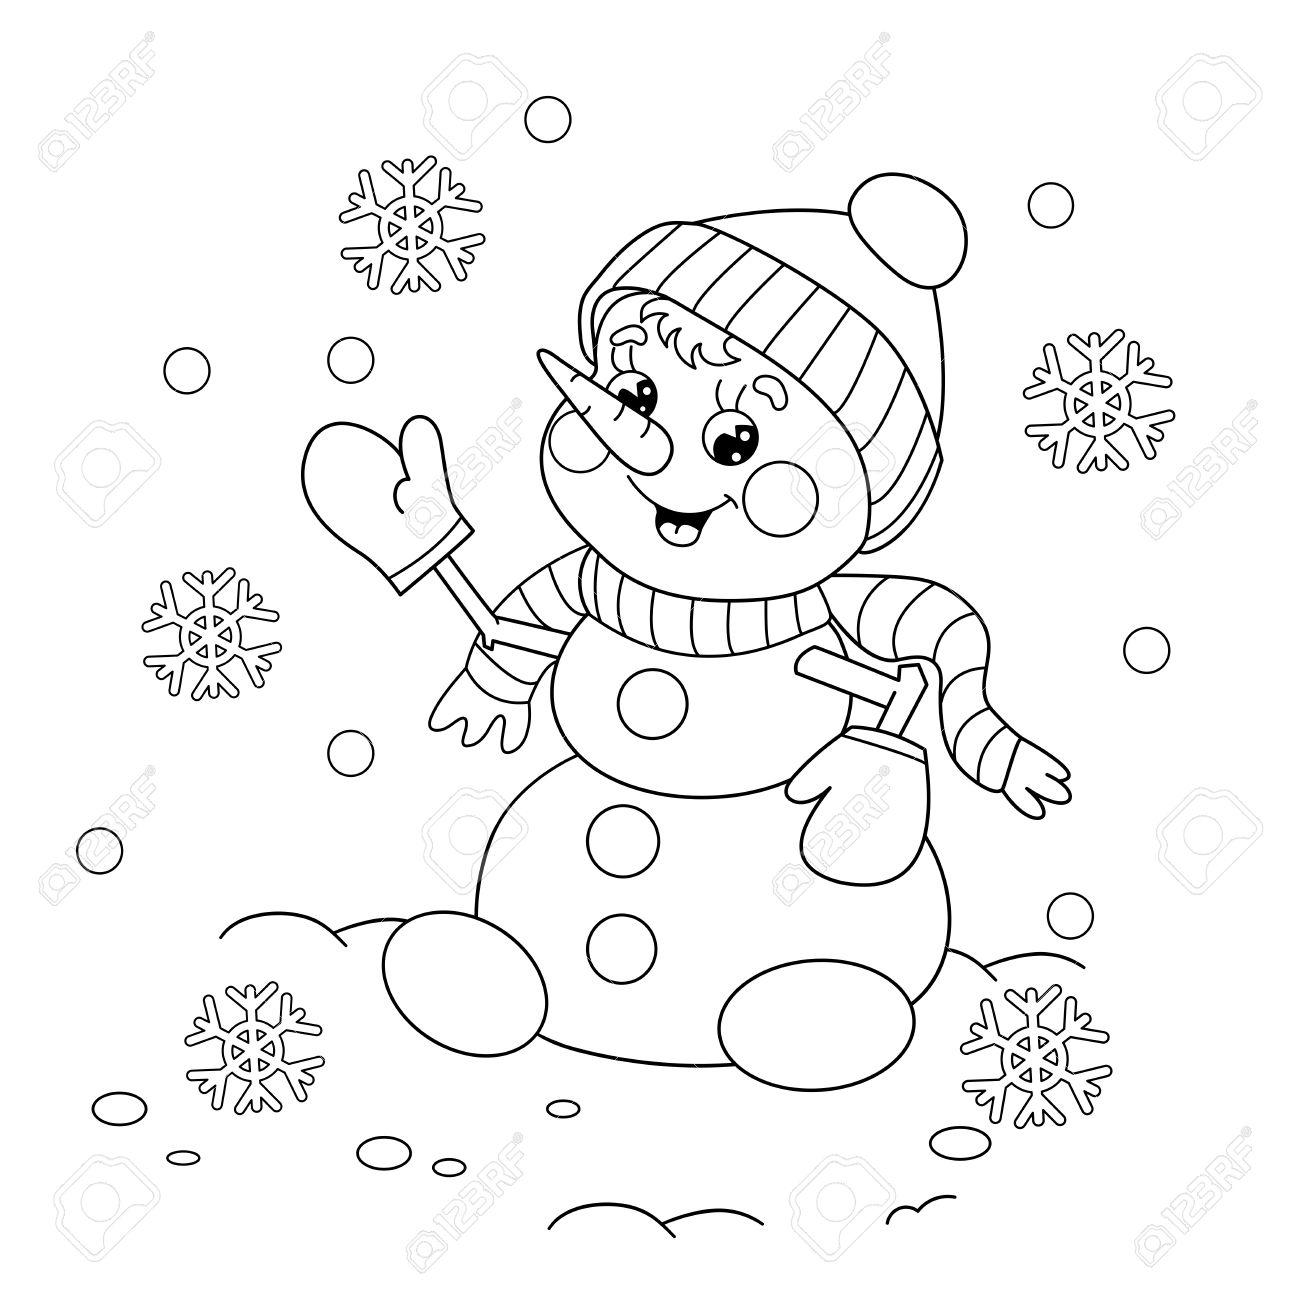 Coloriage contour de bonhomme de neige de bande dessinée Winters livre de coloriage pour les